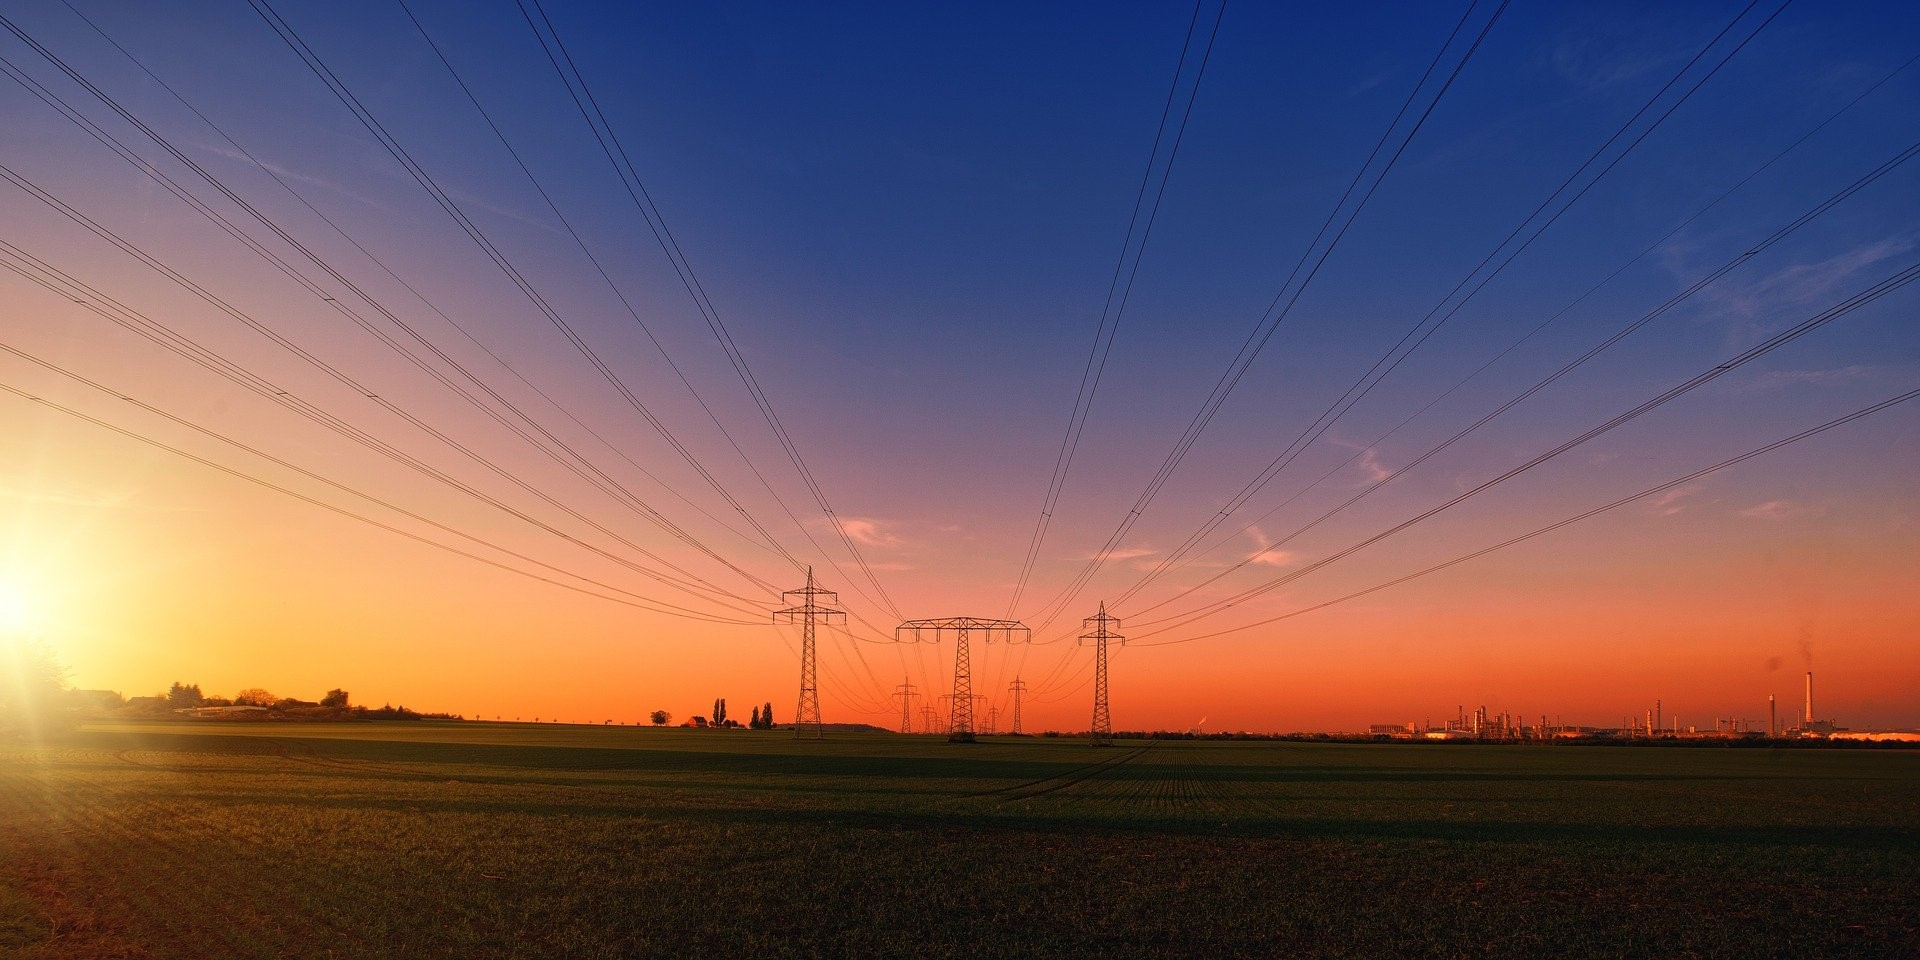 Pourquoi la flexibilité des réseaux électriques est-elle en train de devenir un enjeu majeur ?